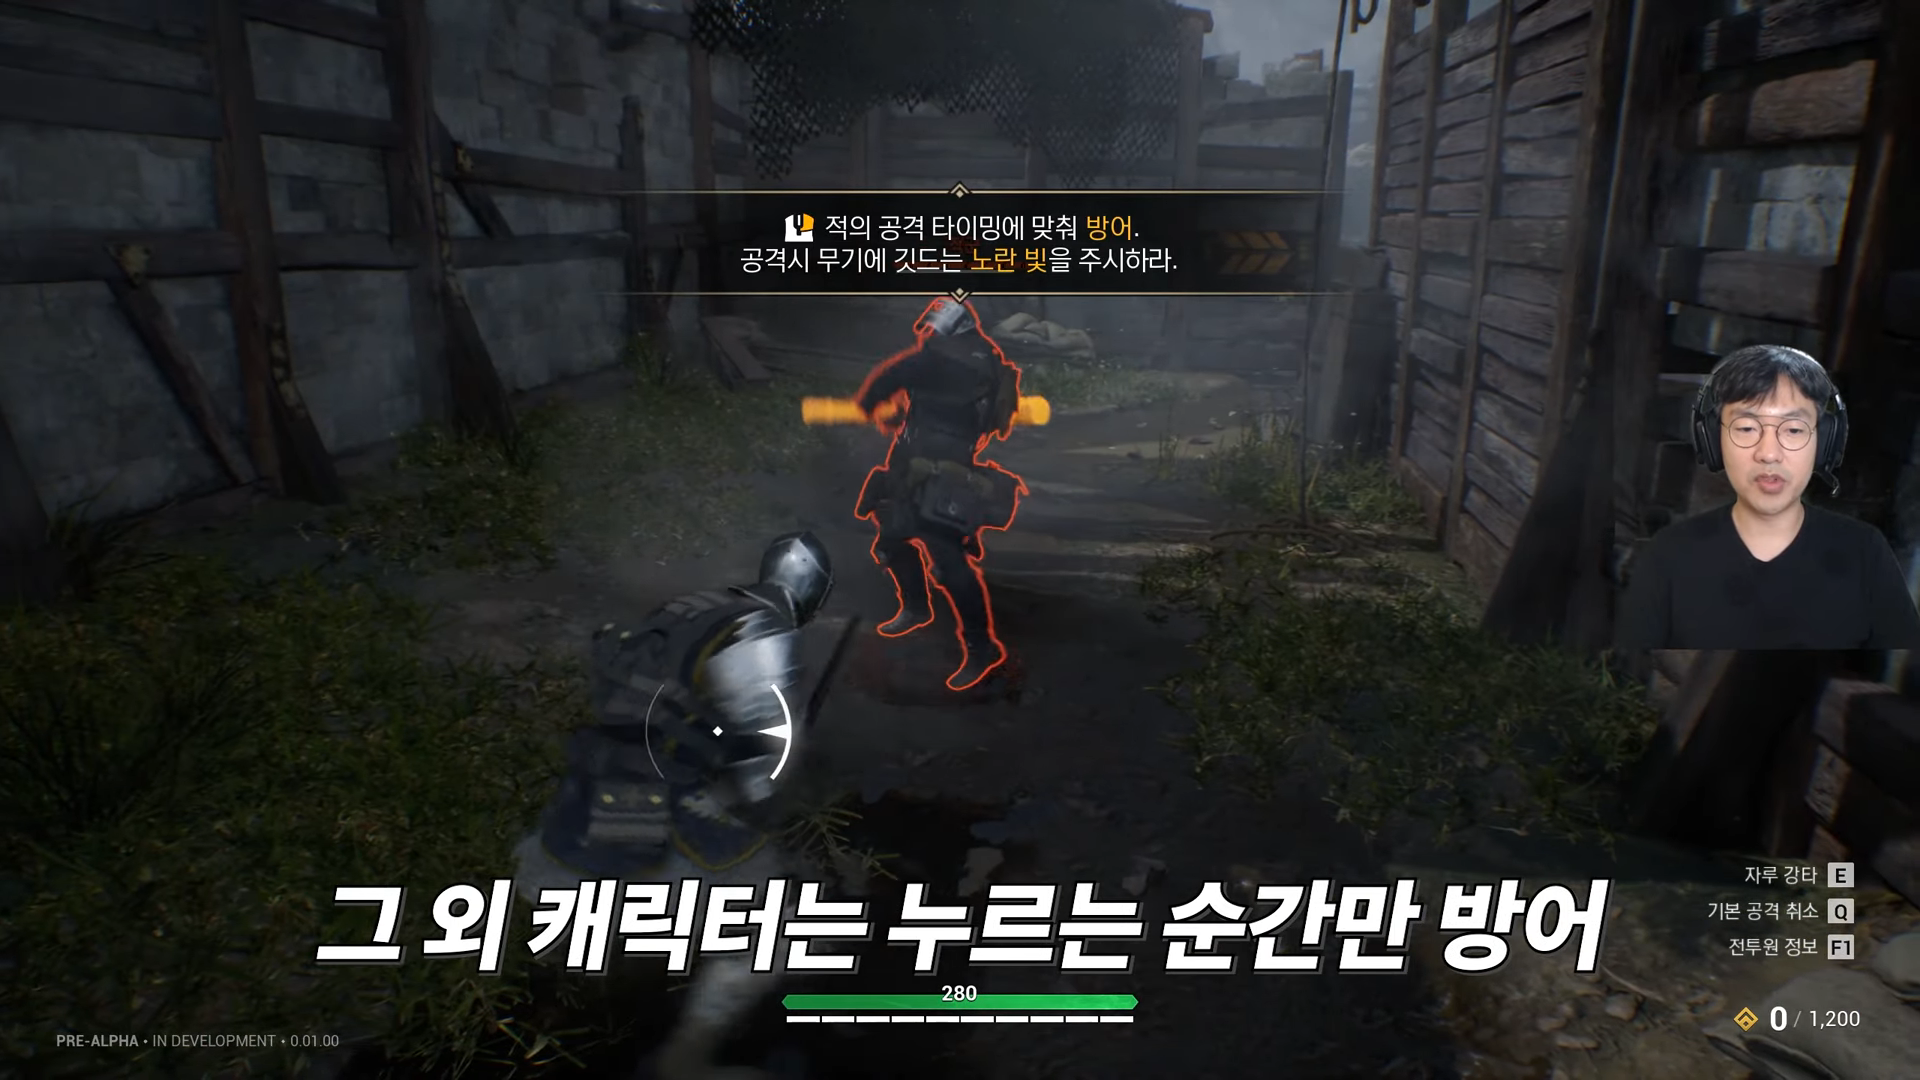 [프로젝트 HP (가제)] 디렉터 플레이 영상 1부 (HP 및 캐릭터 소개) 13-42 screenshot (1).png